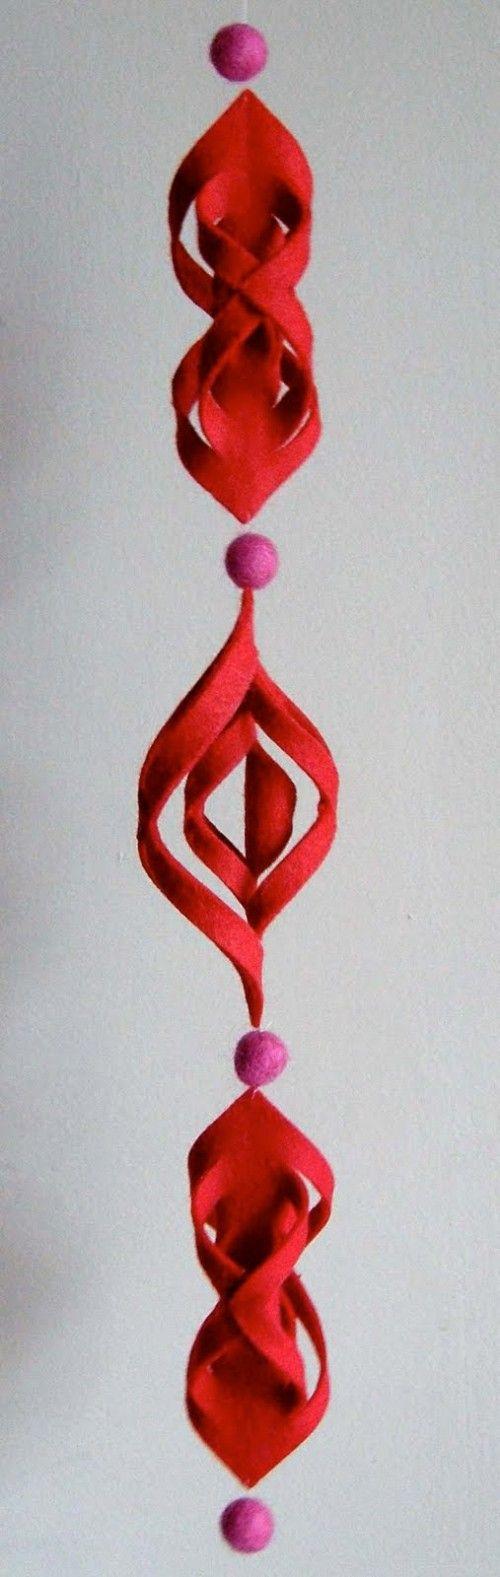 felt ornament tutorial